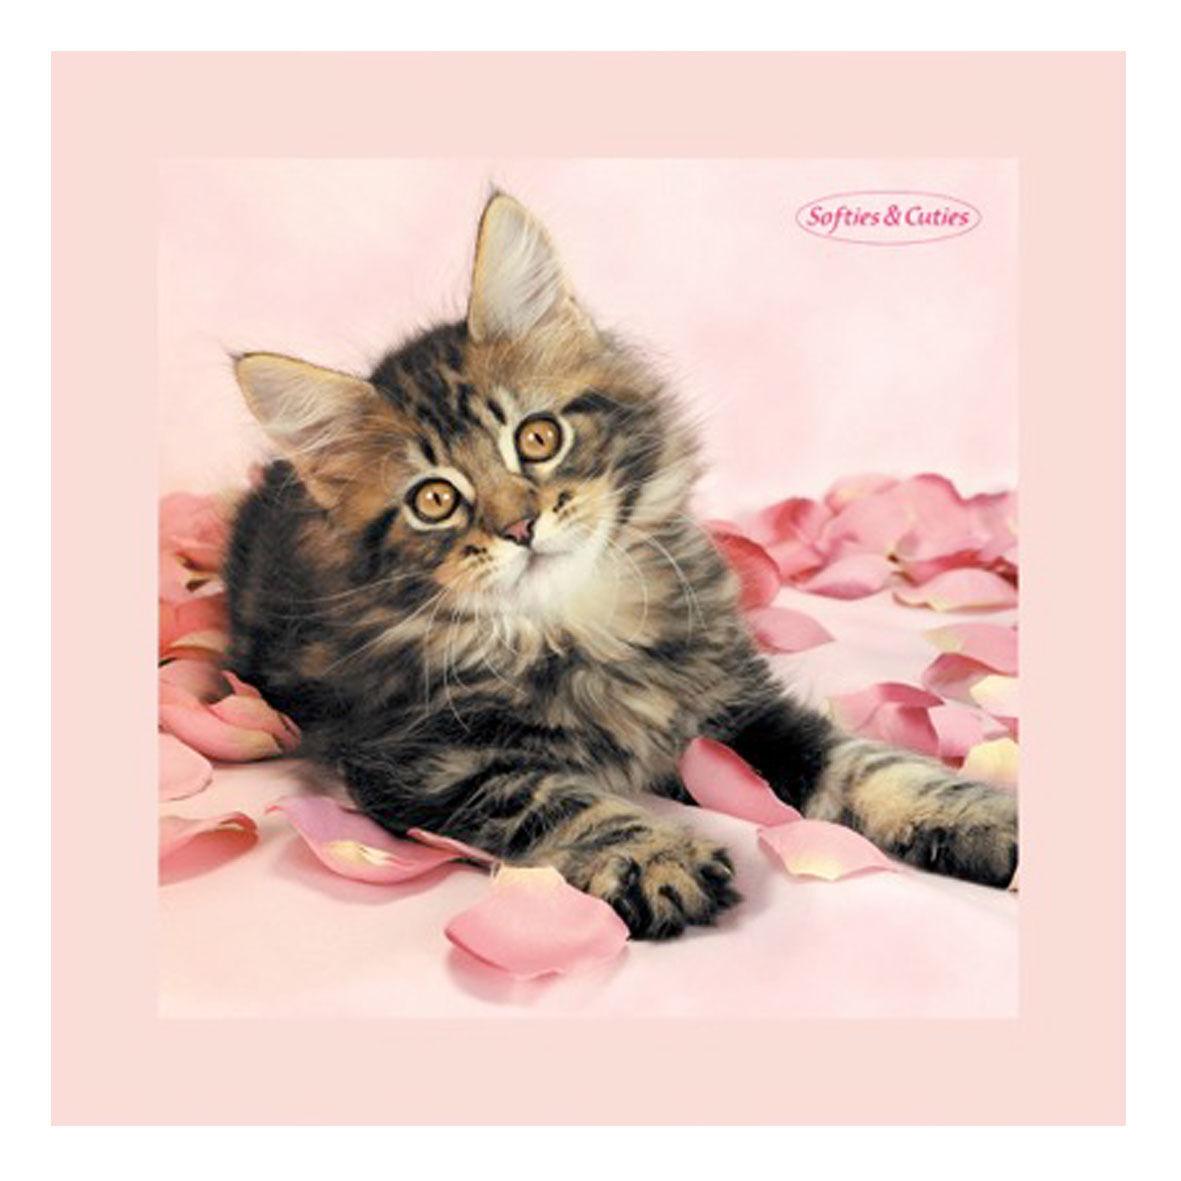 GATTO quadro in legno pannello d'arredo rosa SOFTIES & CUTIES 20x20 cm idea rega